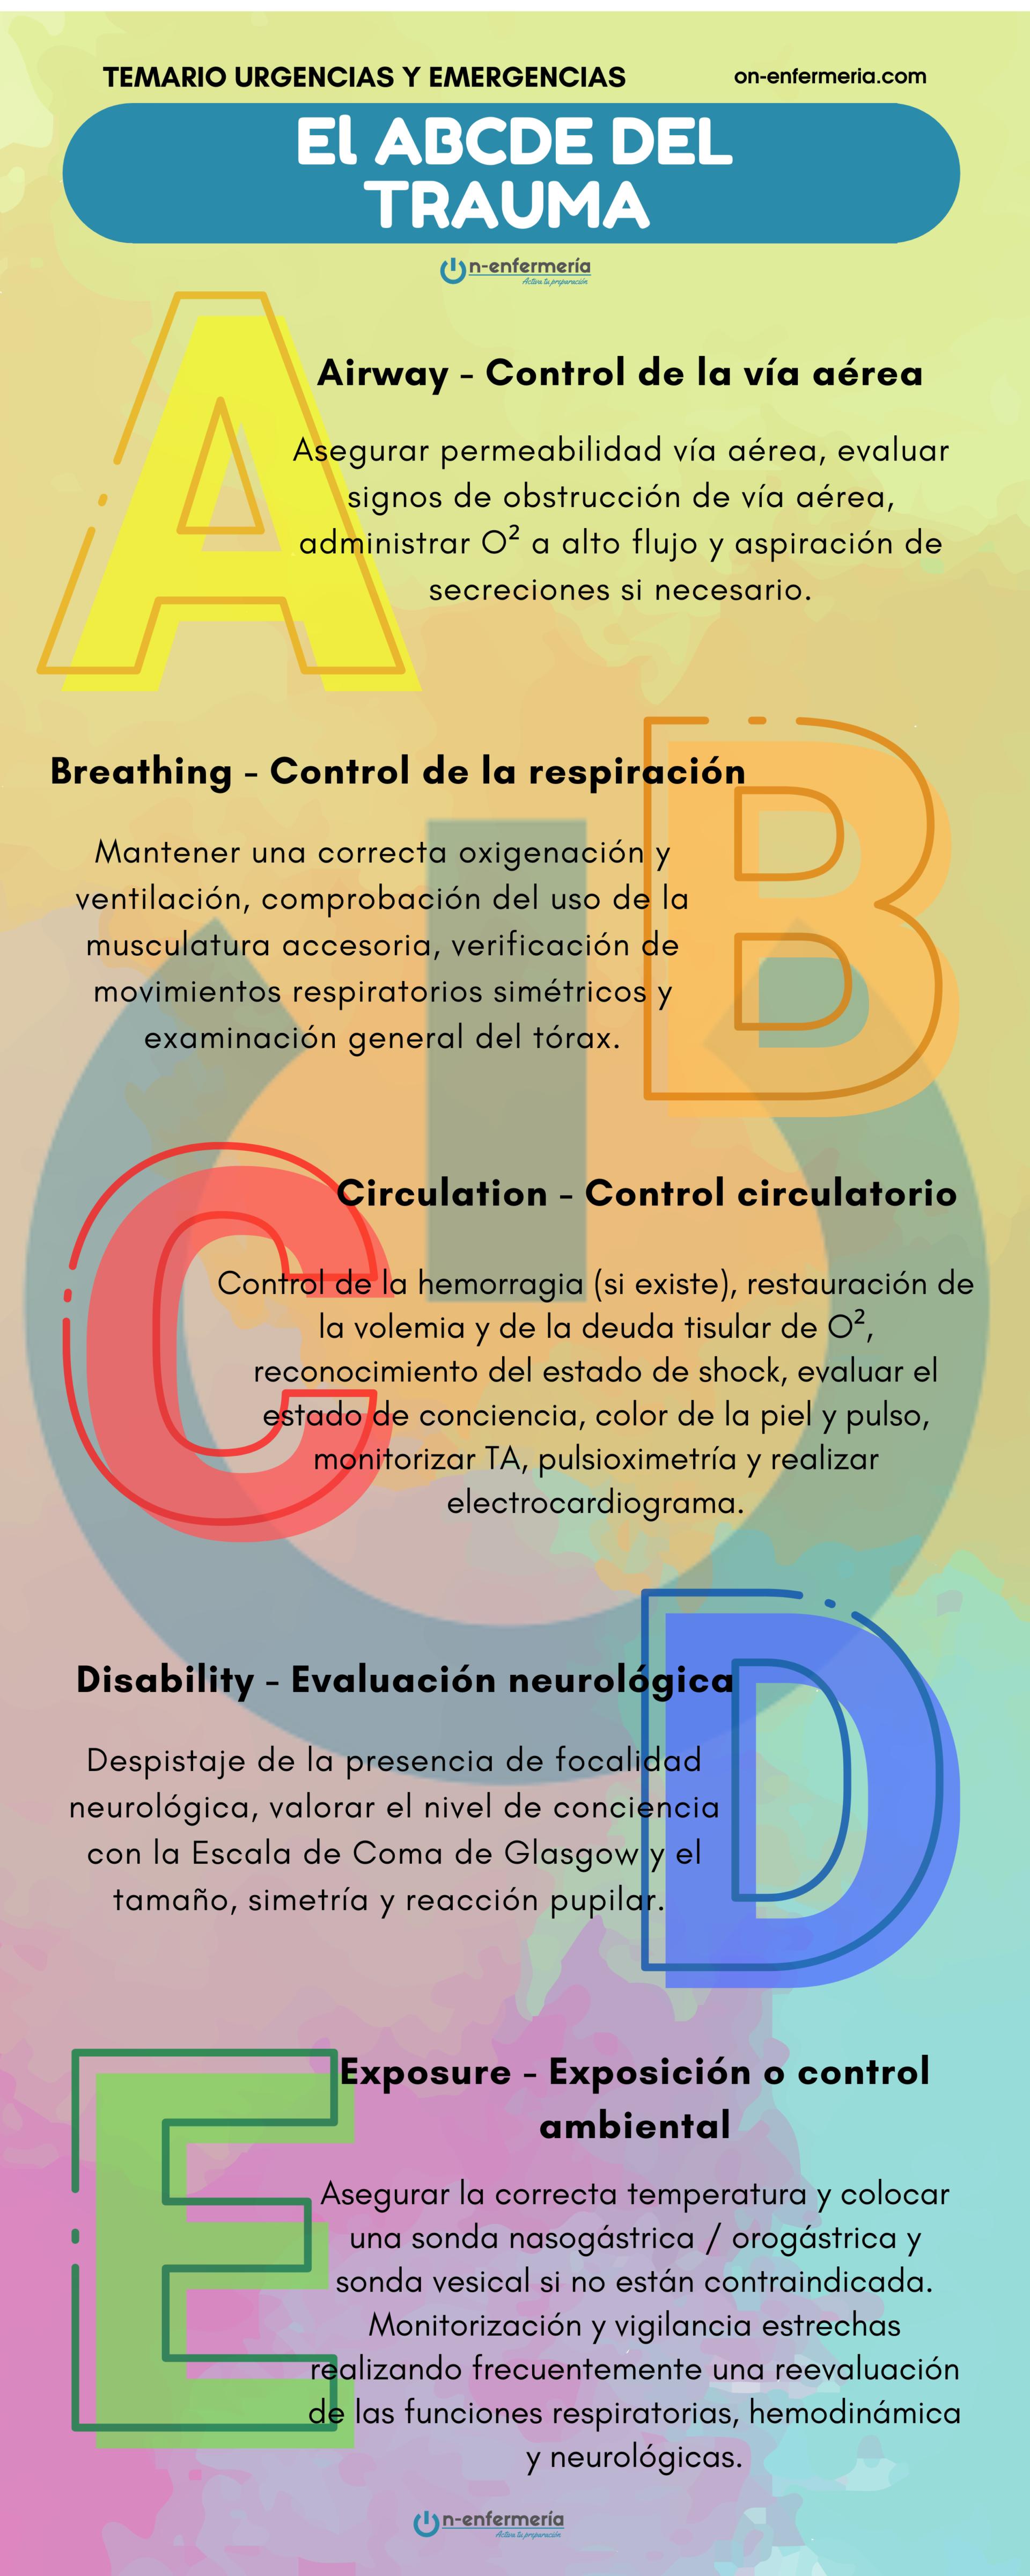 Infografía ABCDE del trauma - Urgencias y emergencias